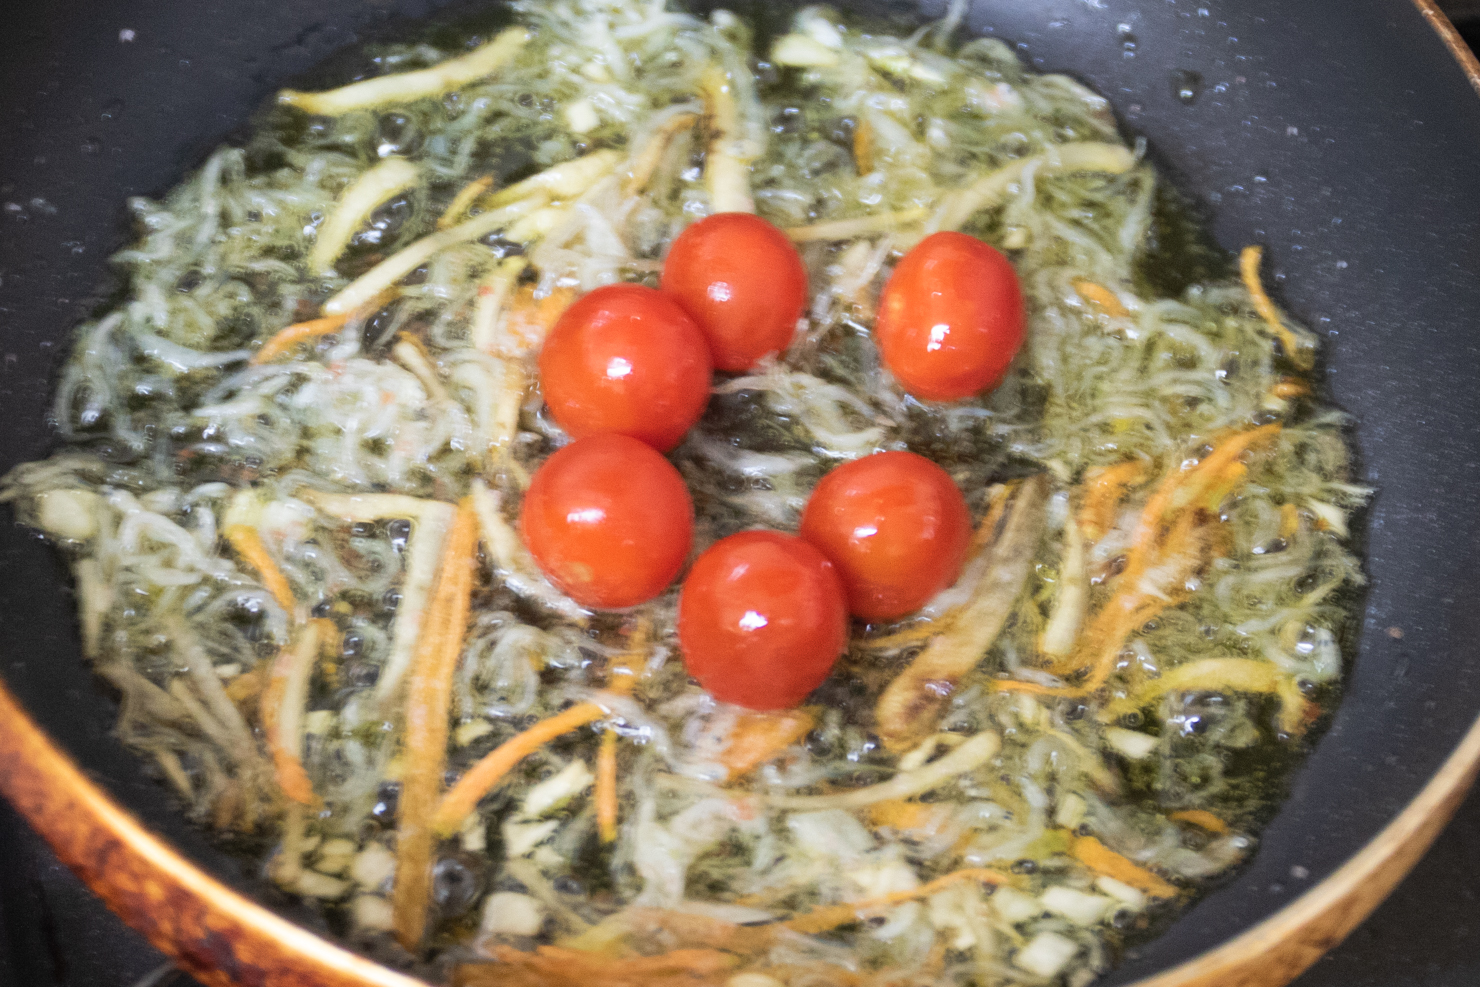 2のフライパンでプチトマトを炒めている写真